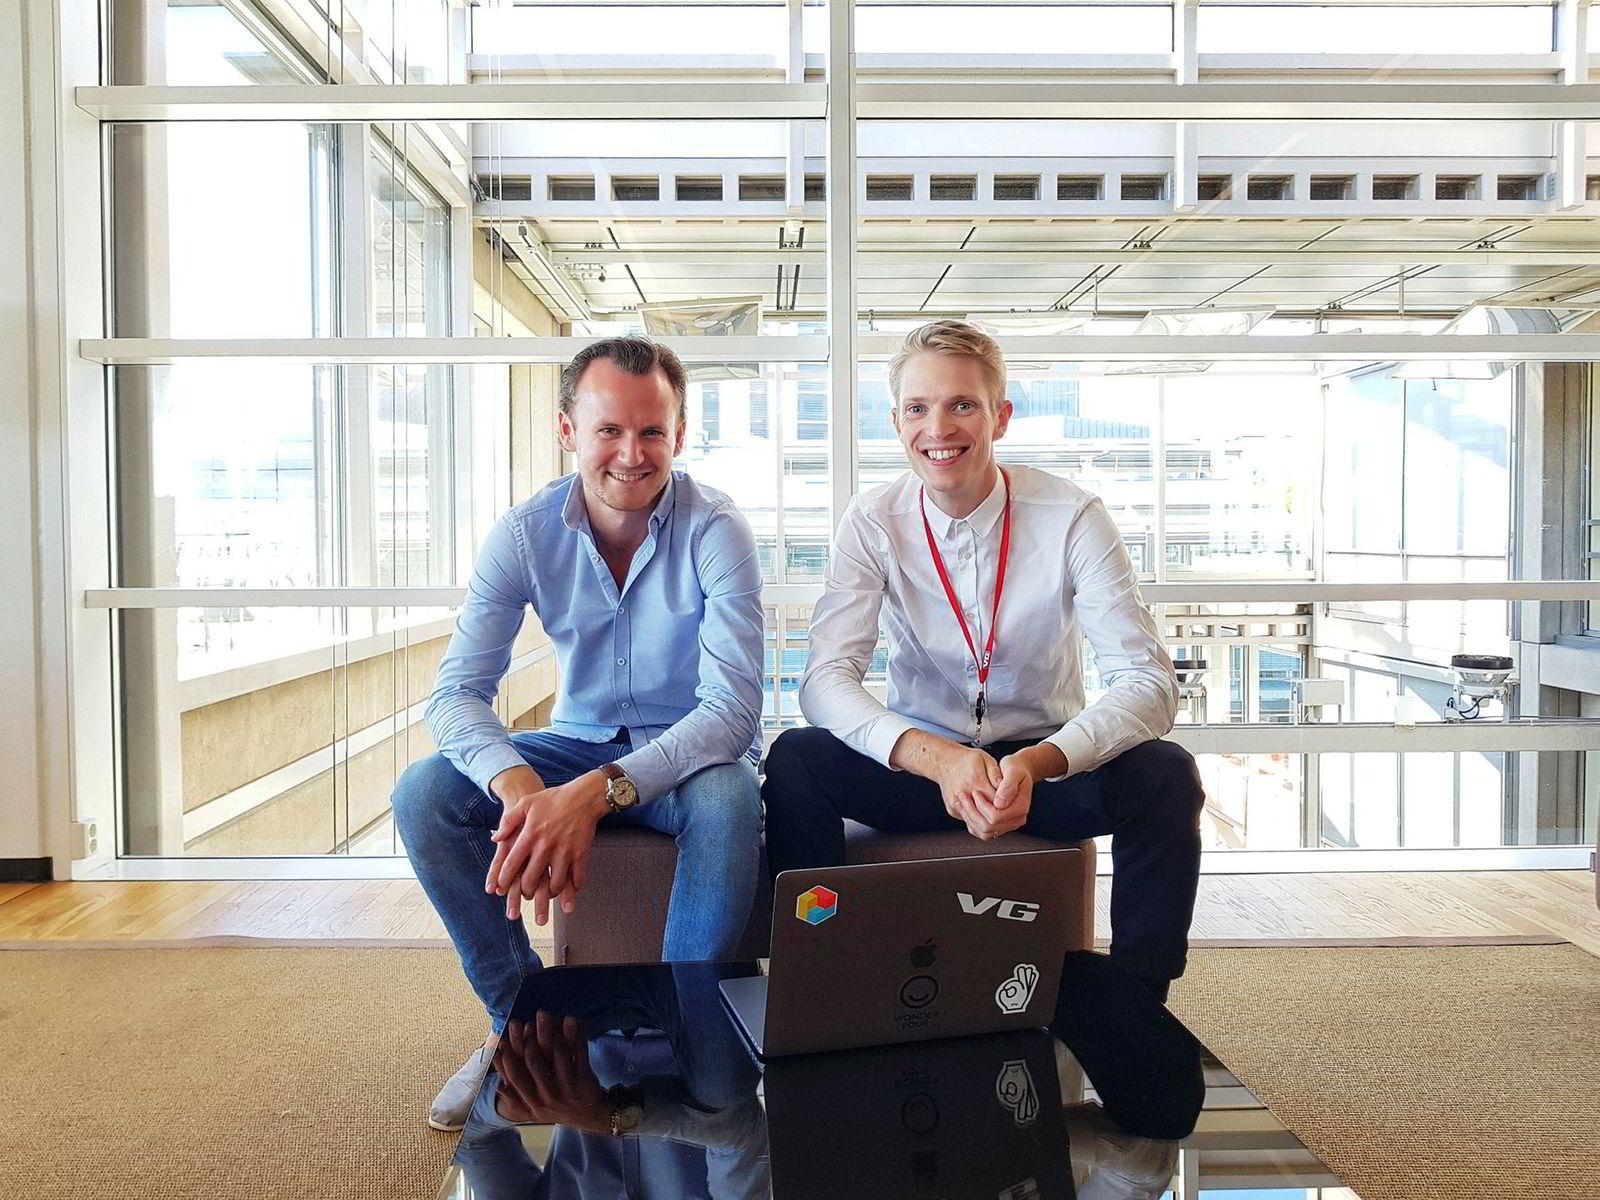 Jørgen Elton Nilsen, leder av VG Lab, og Alexander Rydfjord, kommersiell produktdirektør i VG.